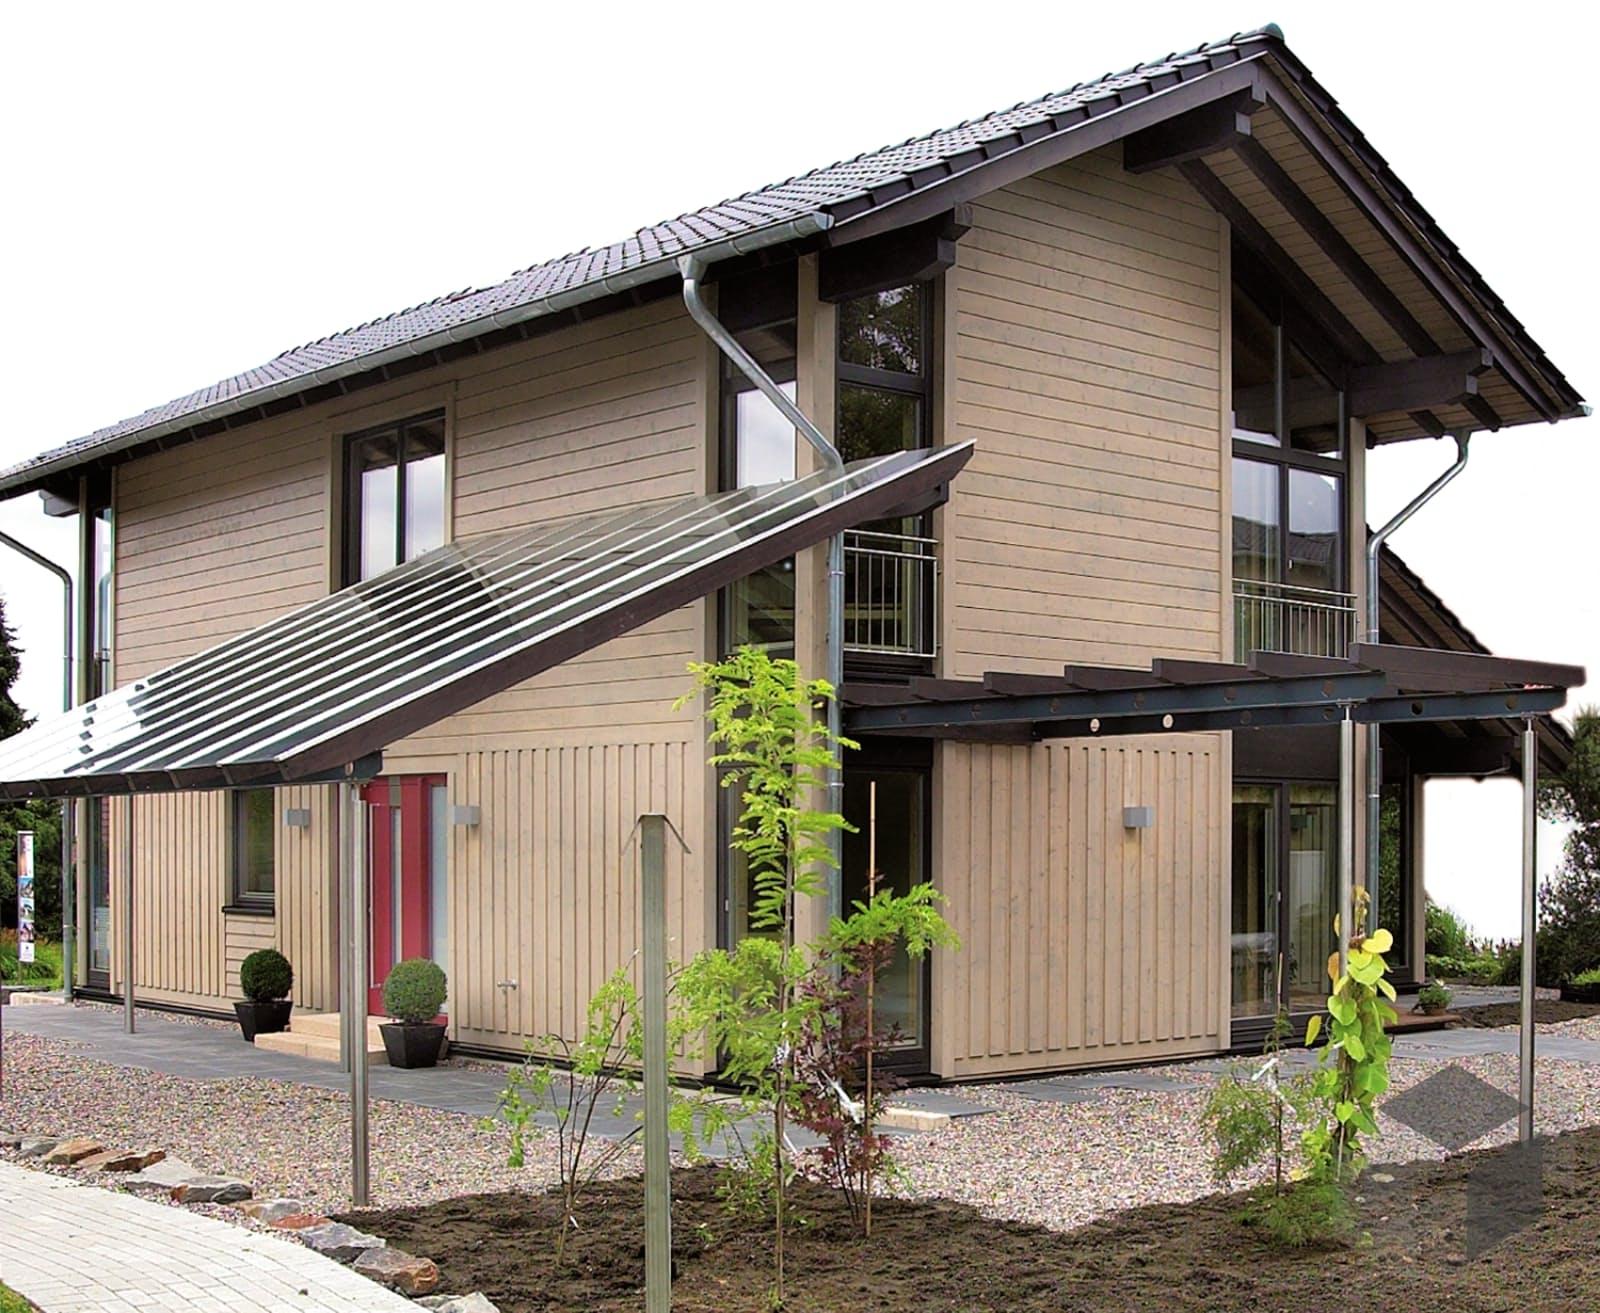 bambus inactive von stommel haus komplette daten bersicht. Black Bedroom Furniture Sets. Home Design Ideas